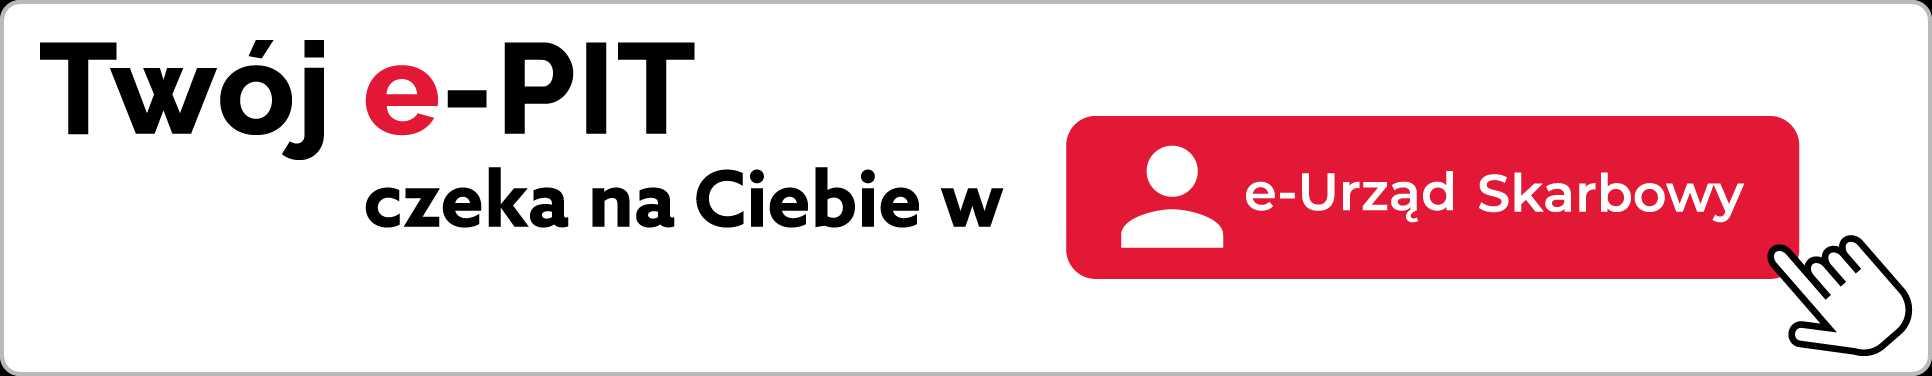 Ikona: Człowiek. Ikona: Kliknięcie. Napis: Twój e-PIT czeka na Ciebie w e-Urząd Skarbowy